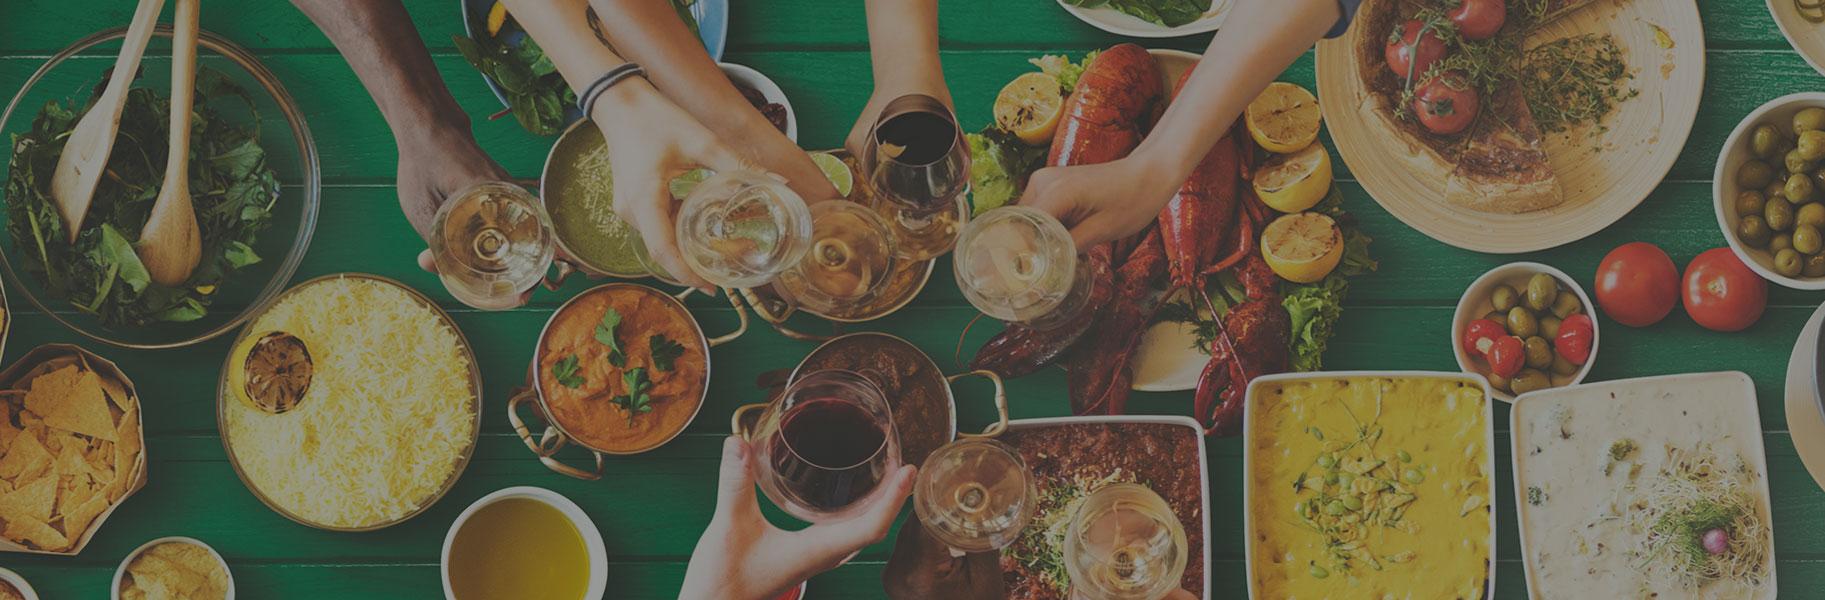 Kids eat for £1 at various restaurants e.g. Prezzo, Chimichanga via VoucherCodes.co.uk